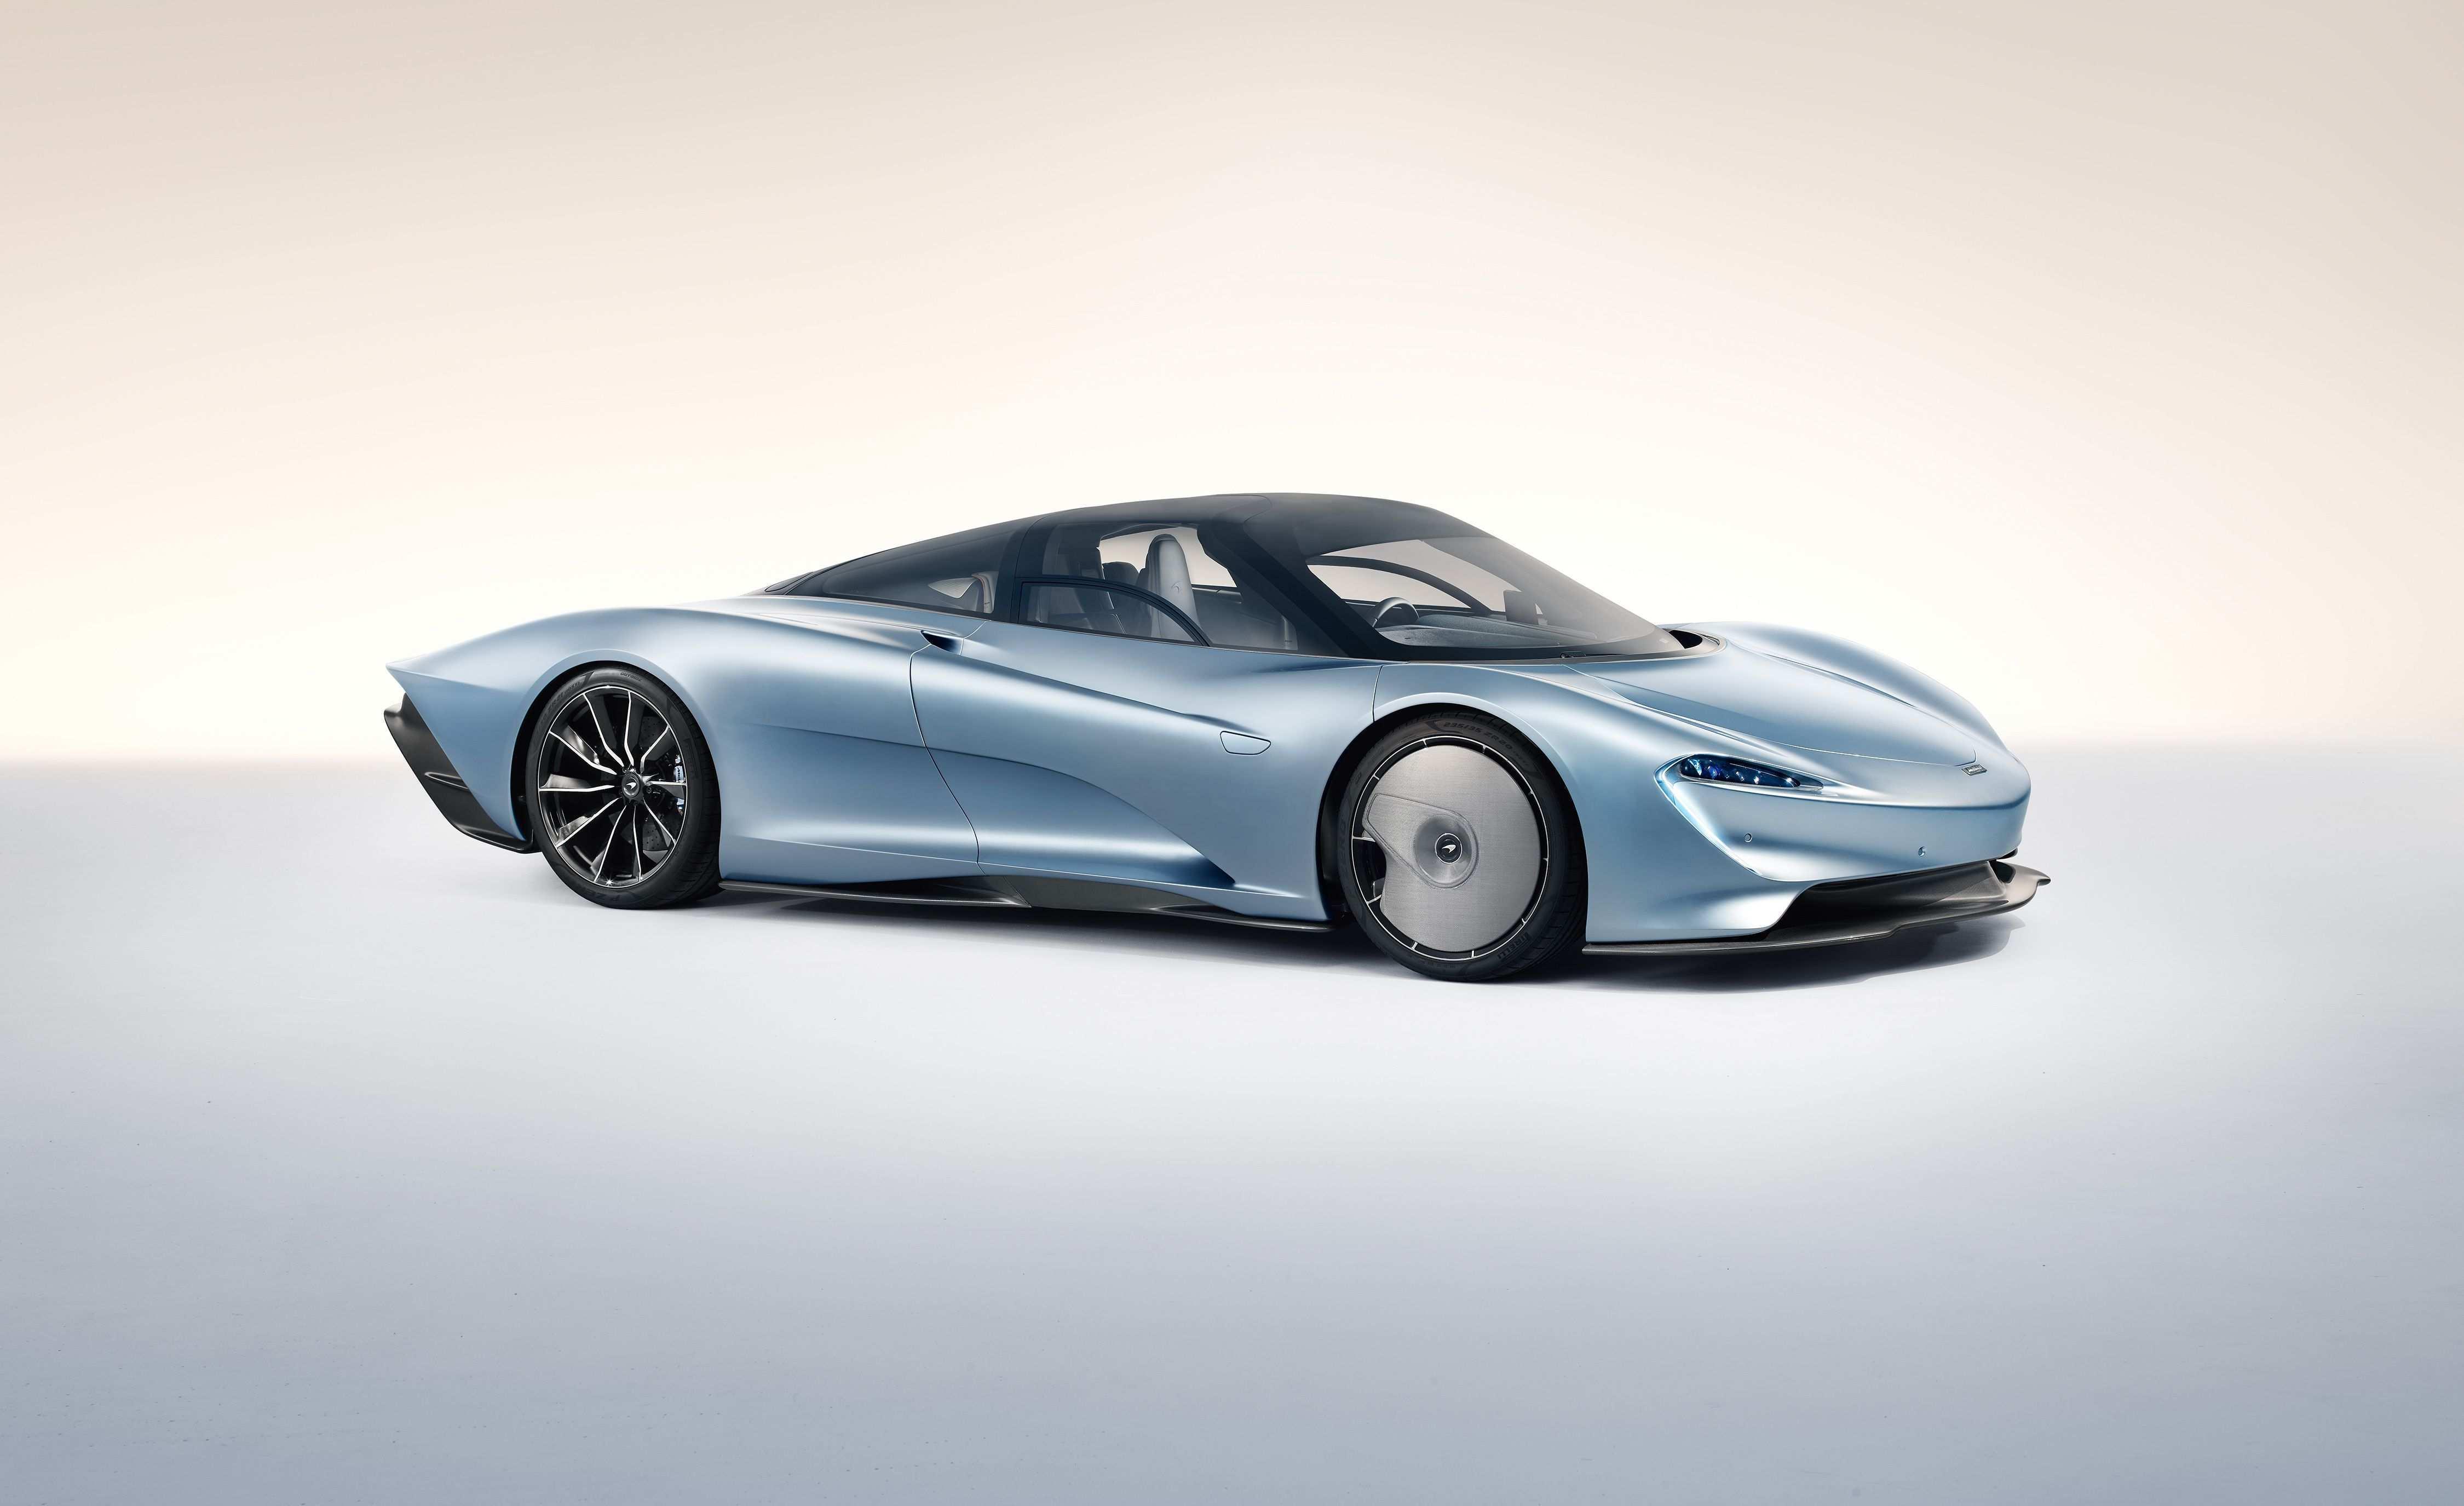 97 Concept of New Mclaren 2020 Specs by New Mclaren 2020